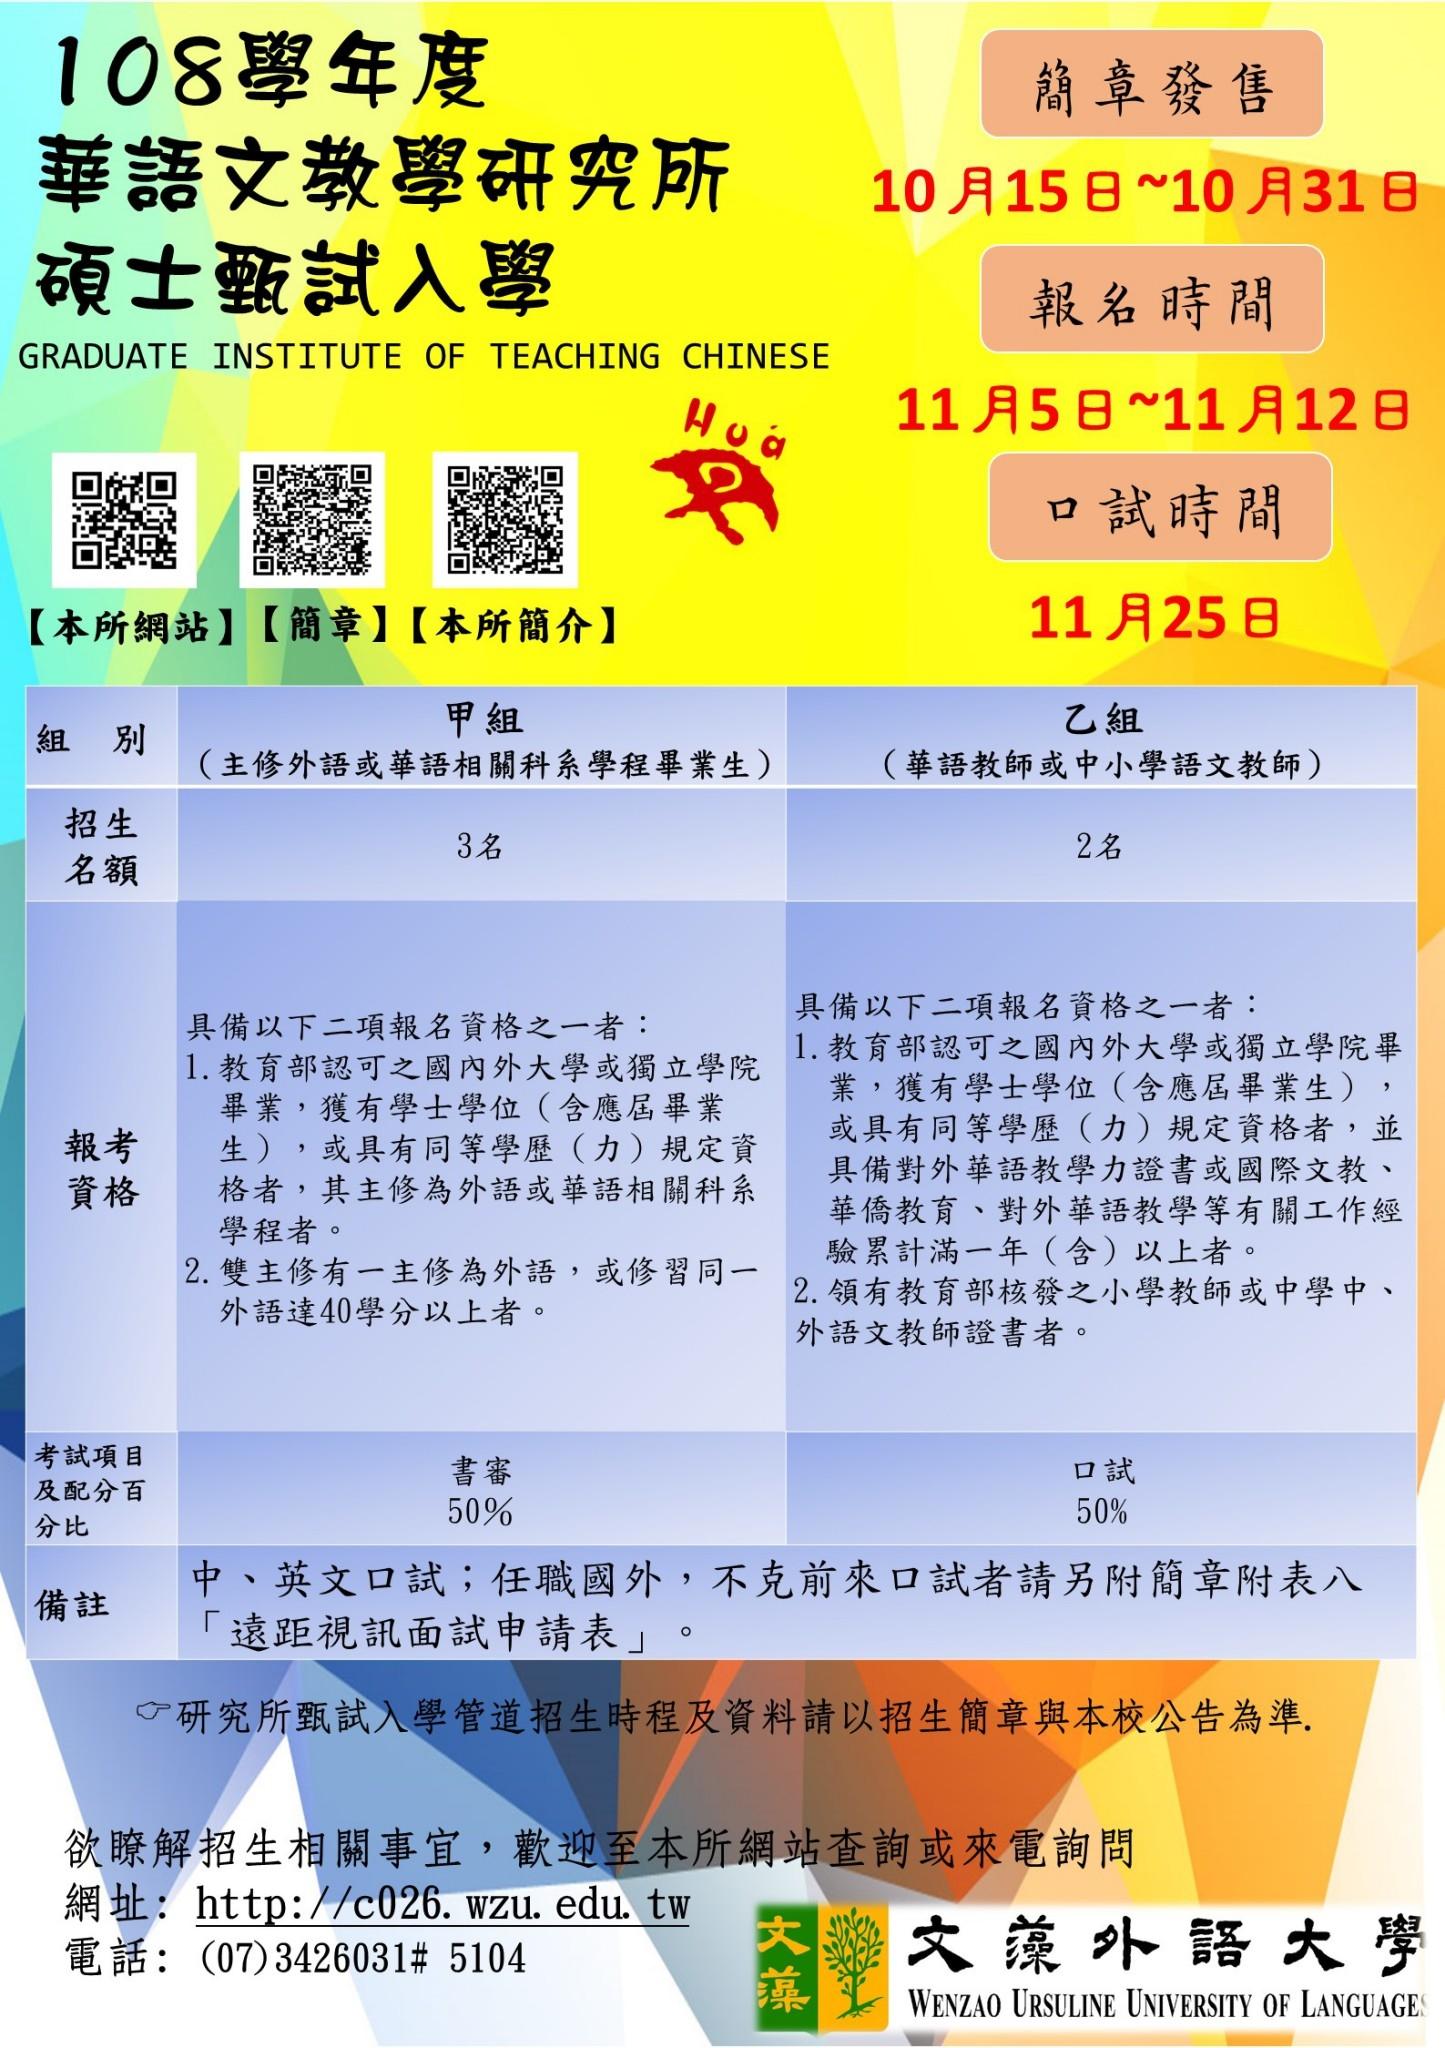 472559-研究所碩士甄試入學_A2海報.jpg